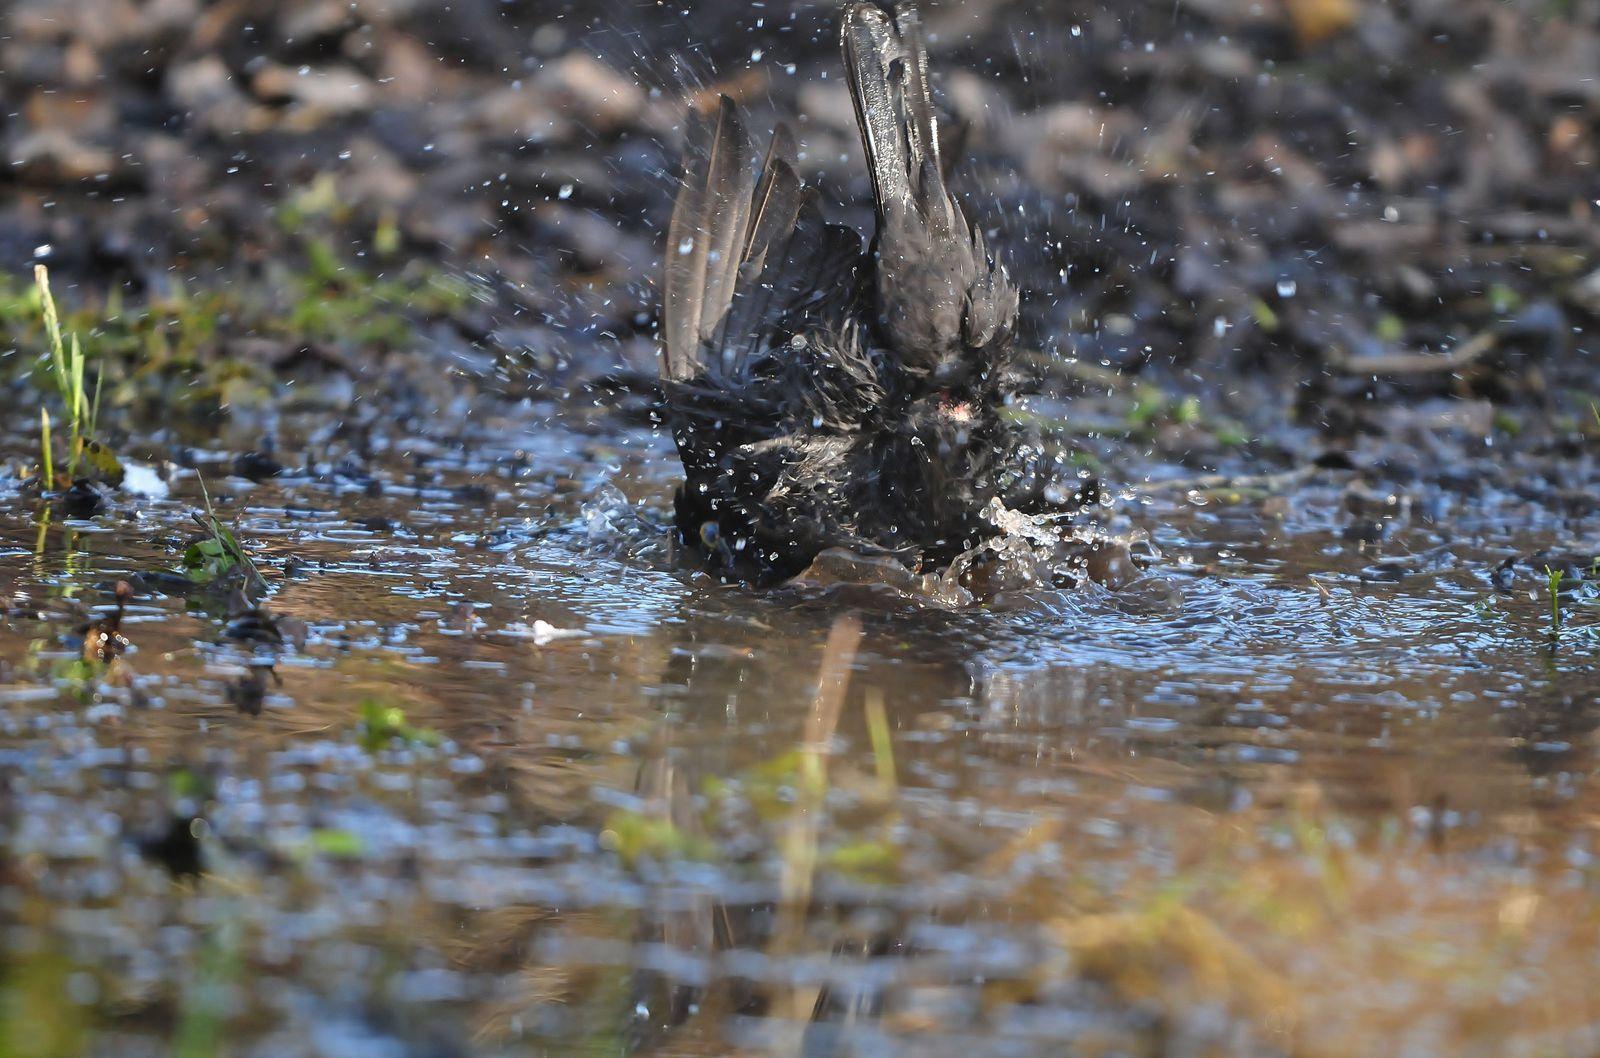 Merle noir au bain, martin pêcheur (femelle).